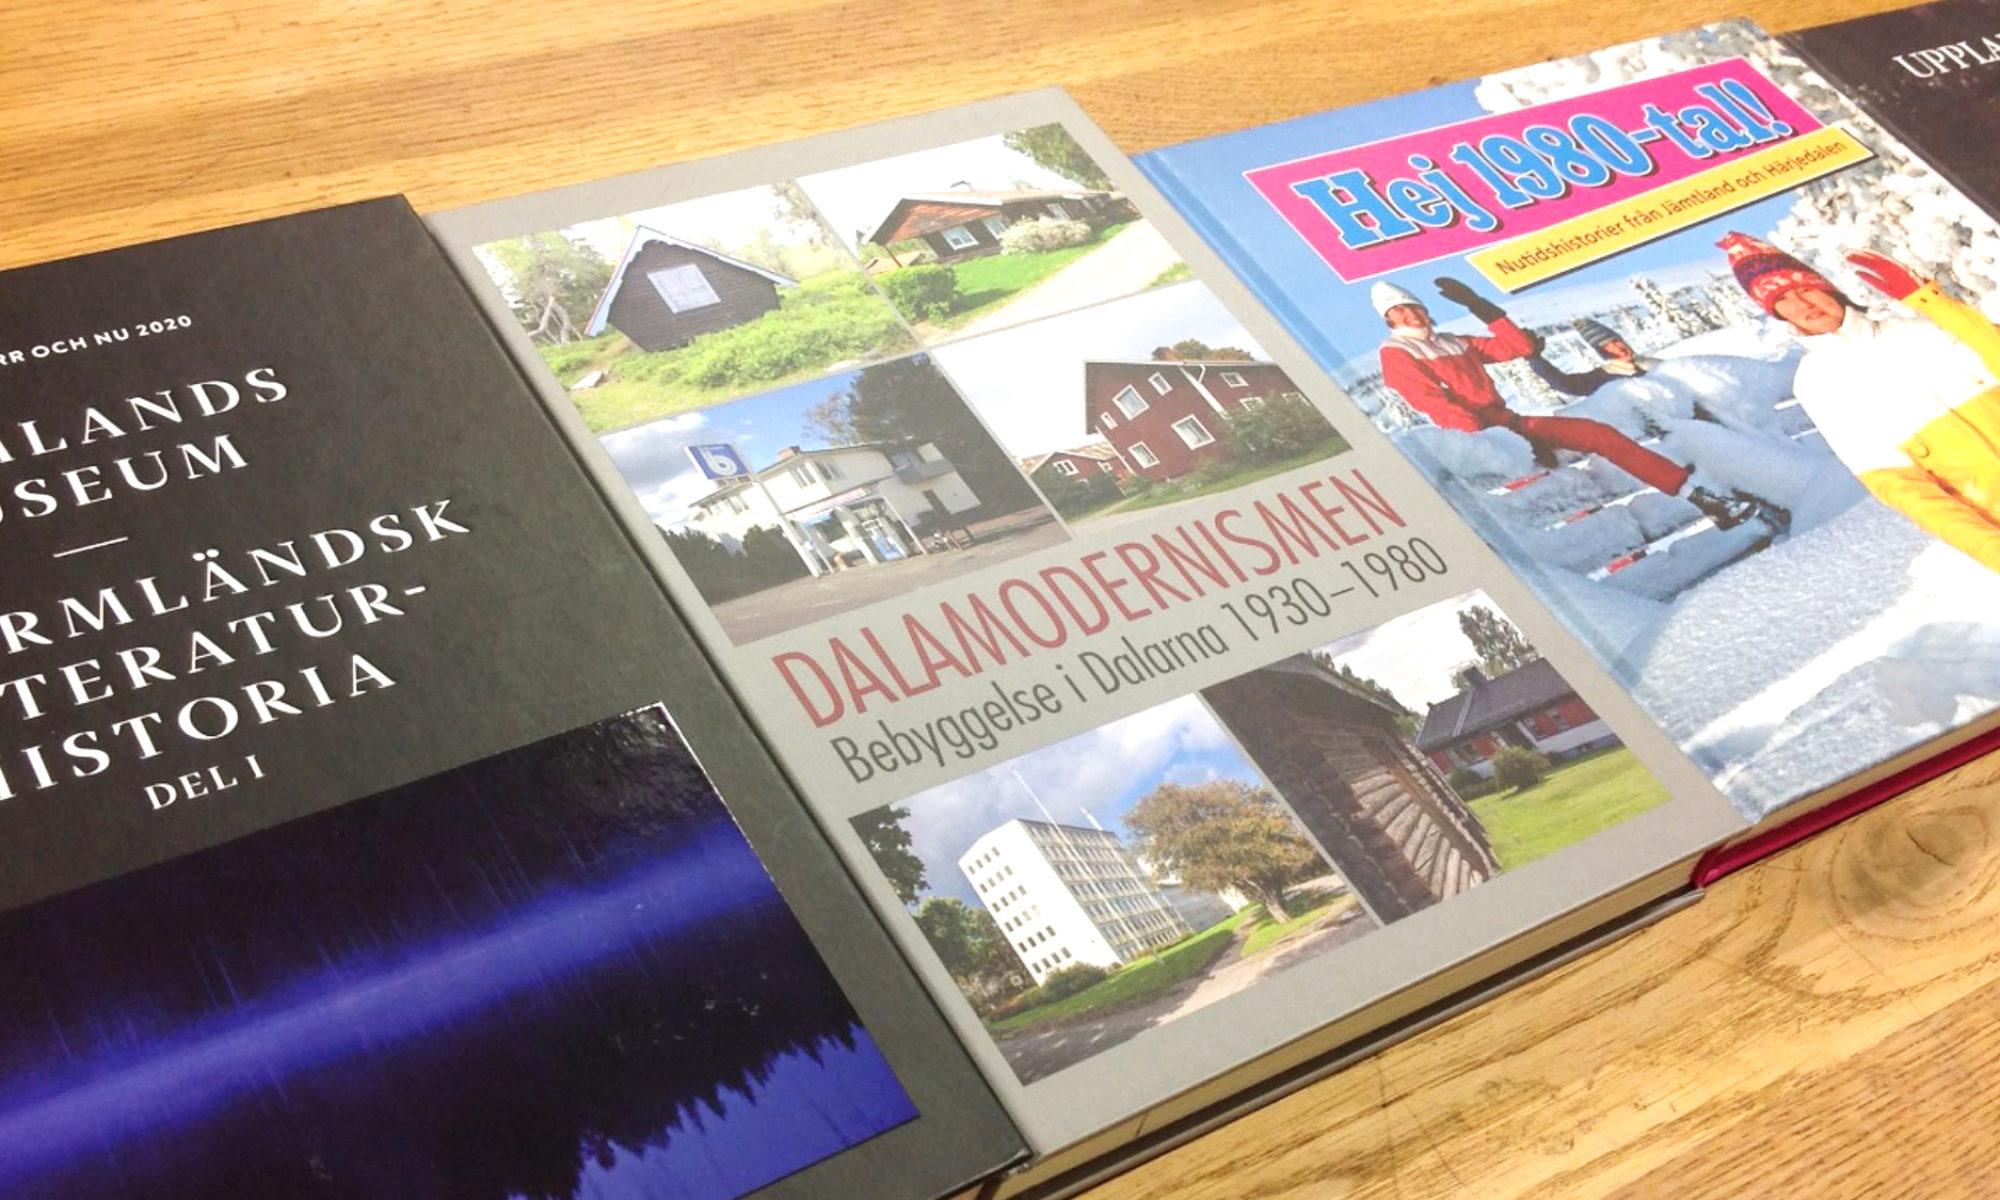 Fyra årsböcker från några länsmuseer ligger bredvid varandra på ett bord.